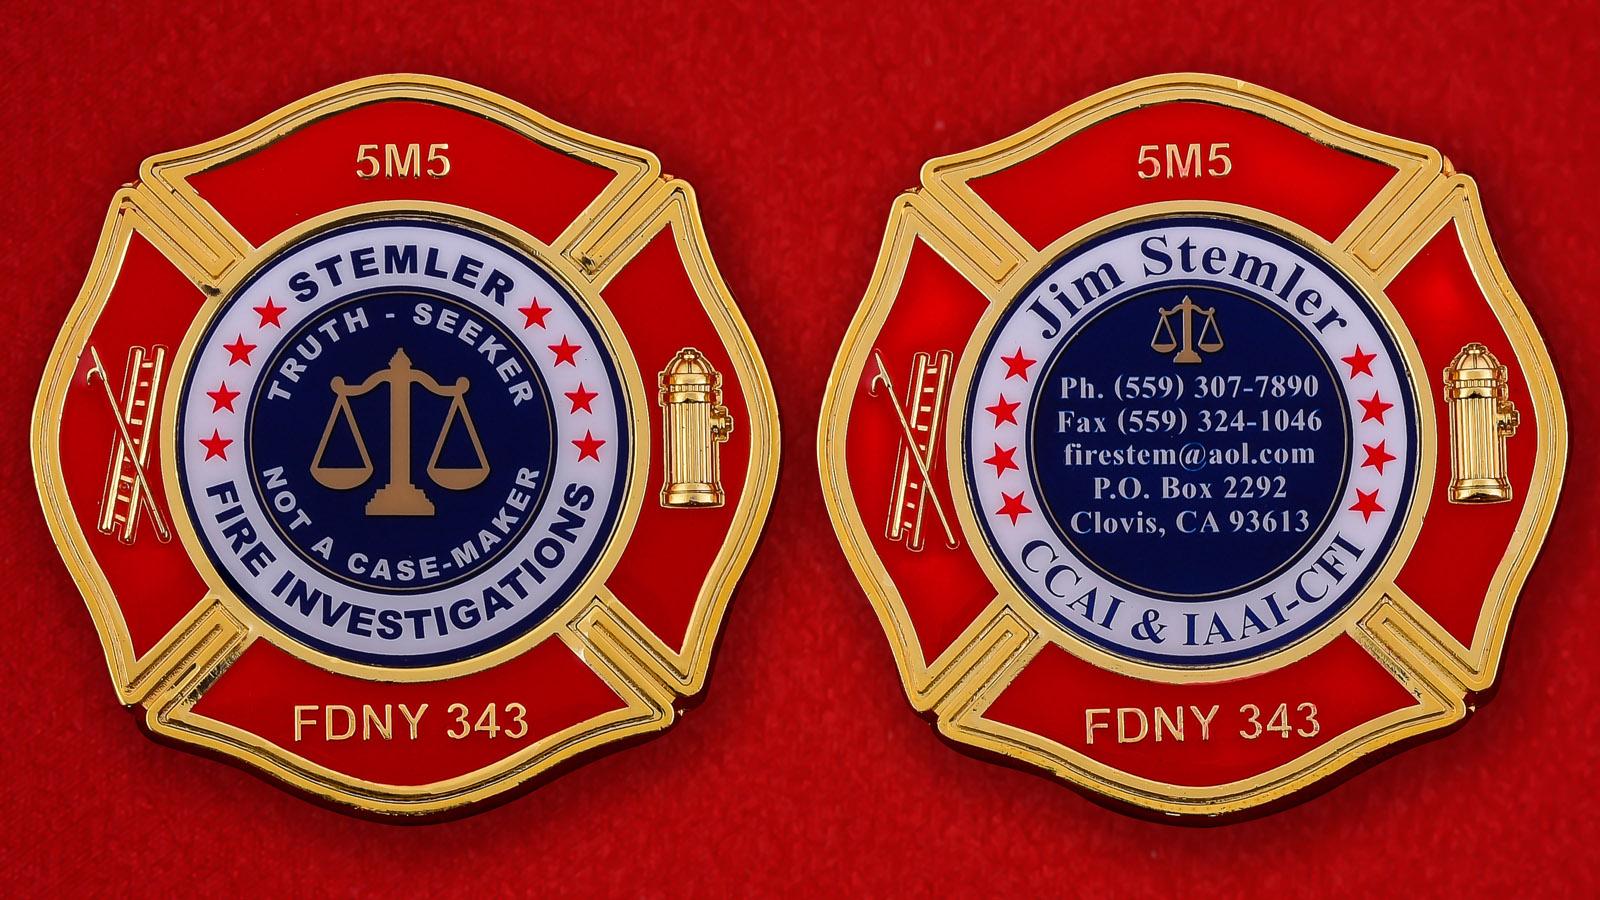 """Челлендж коин """"Следователь Департамента Пожарной охраны Нью-Йорка Джим Стемлер"""""""